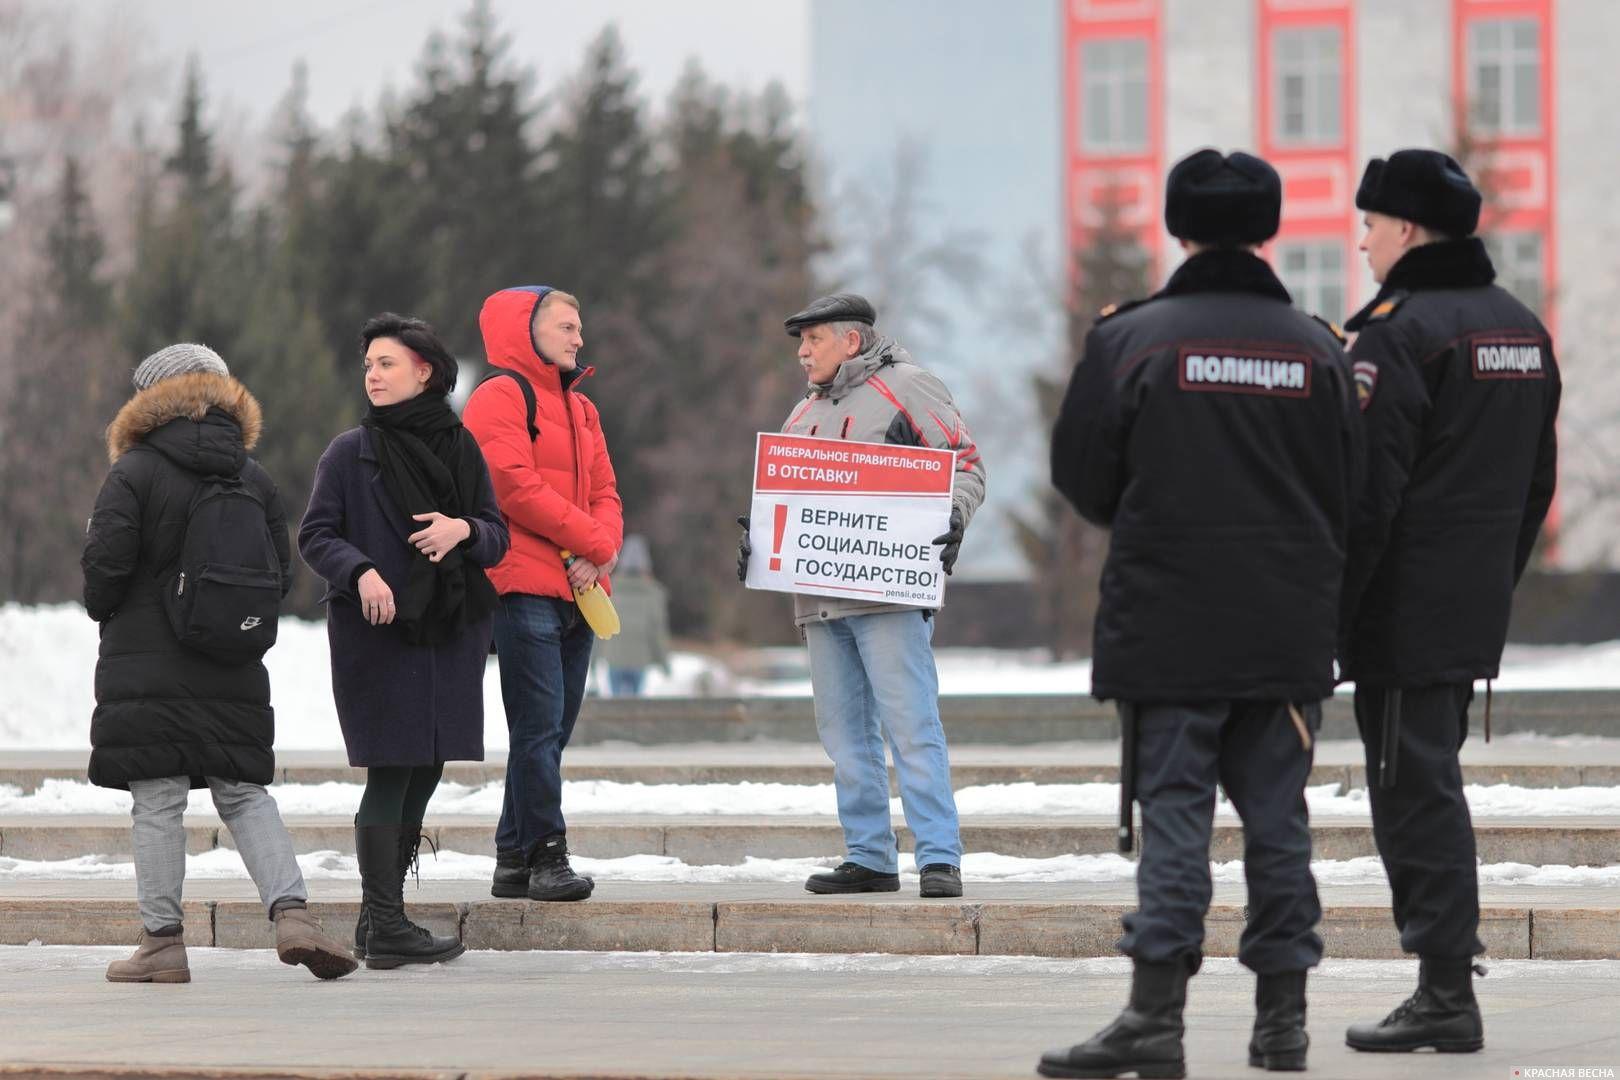 20200303_18-19-Полицейских и прохожих привлекли пикетирующие против пенсионки в Барнауле-pic2